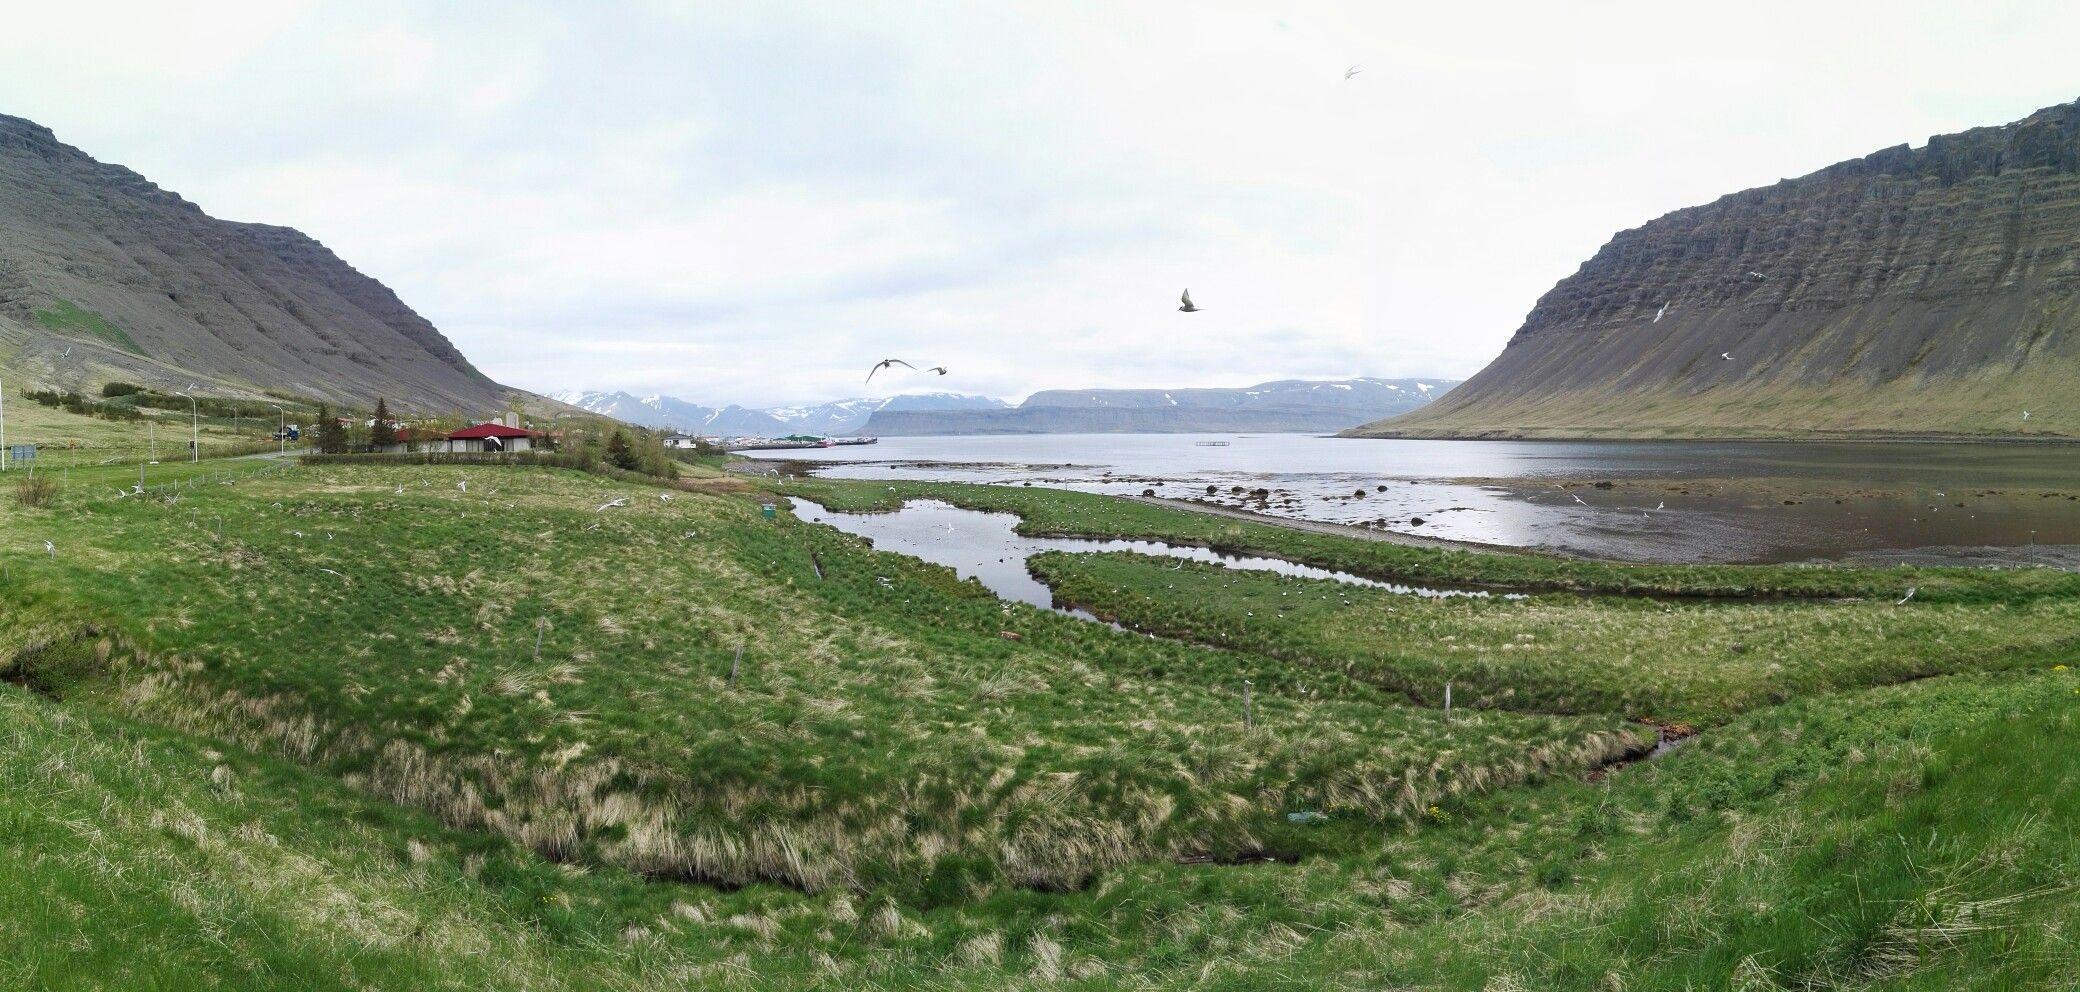 - schwalben, Iceland -